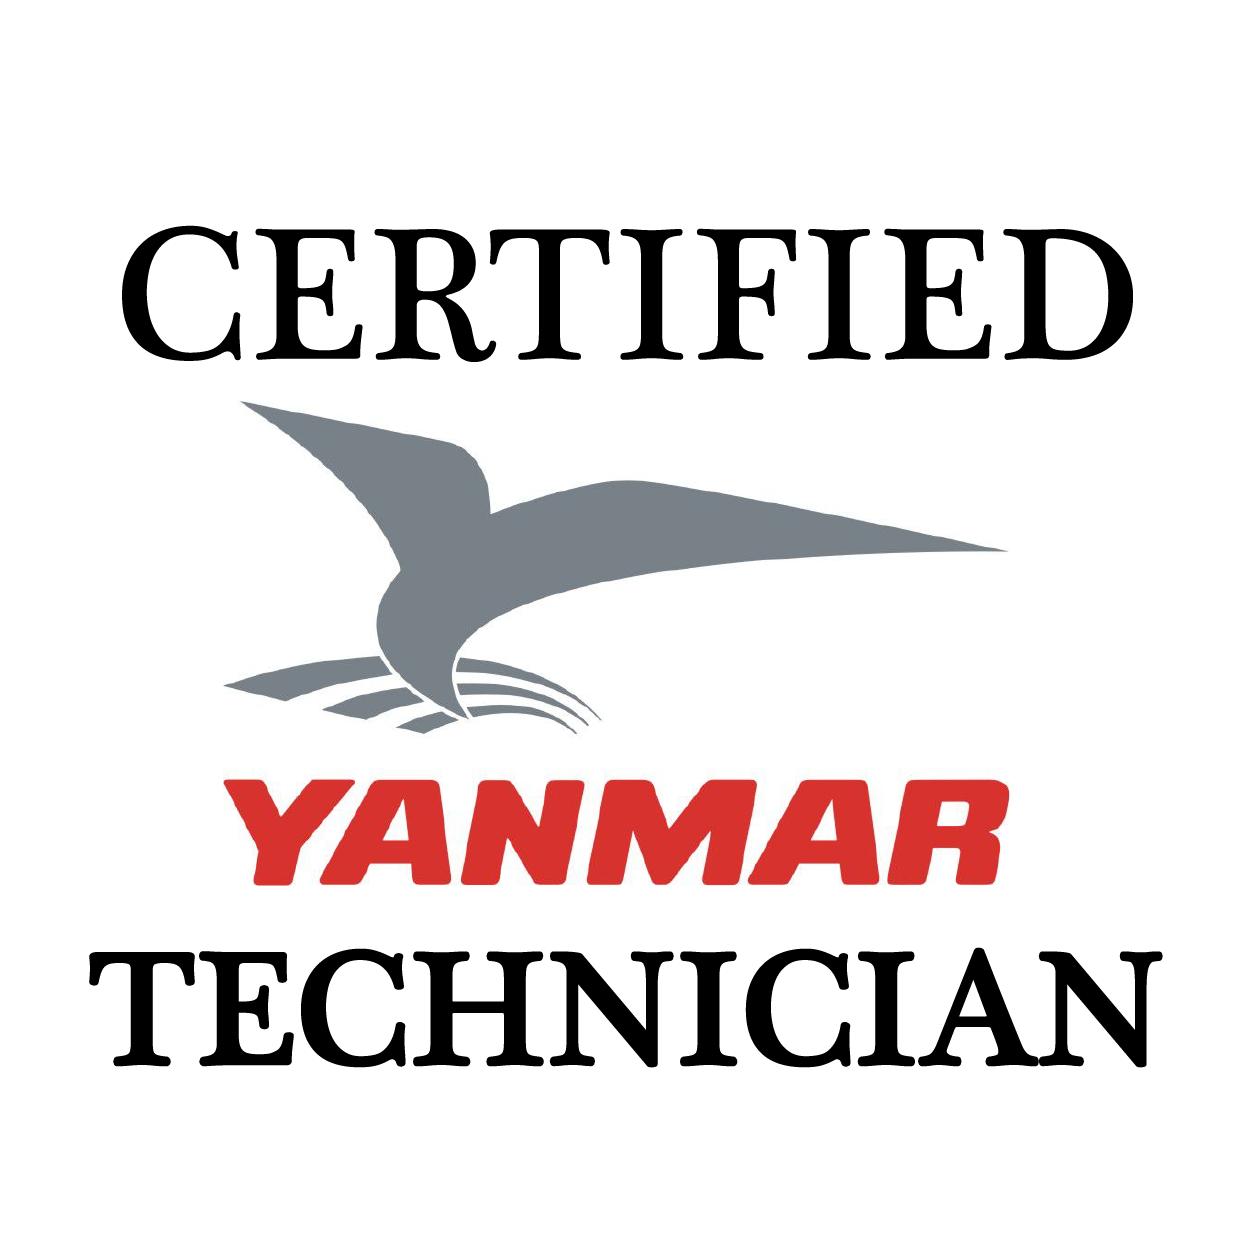 Yanmar Certified Technician.png